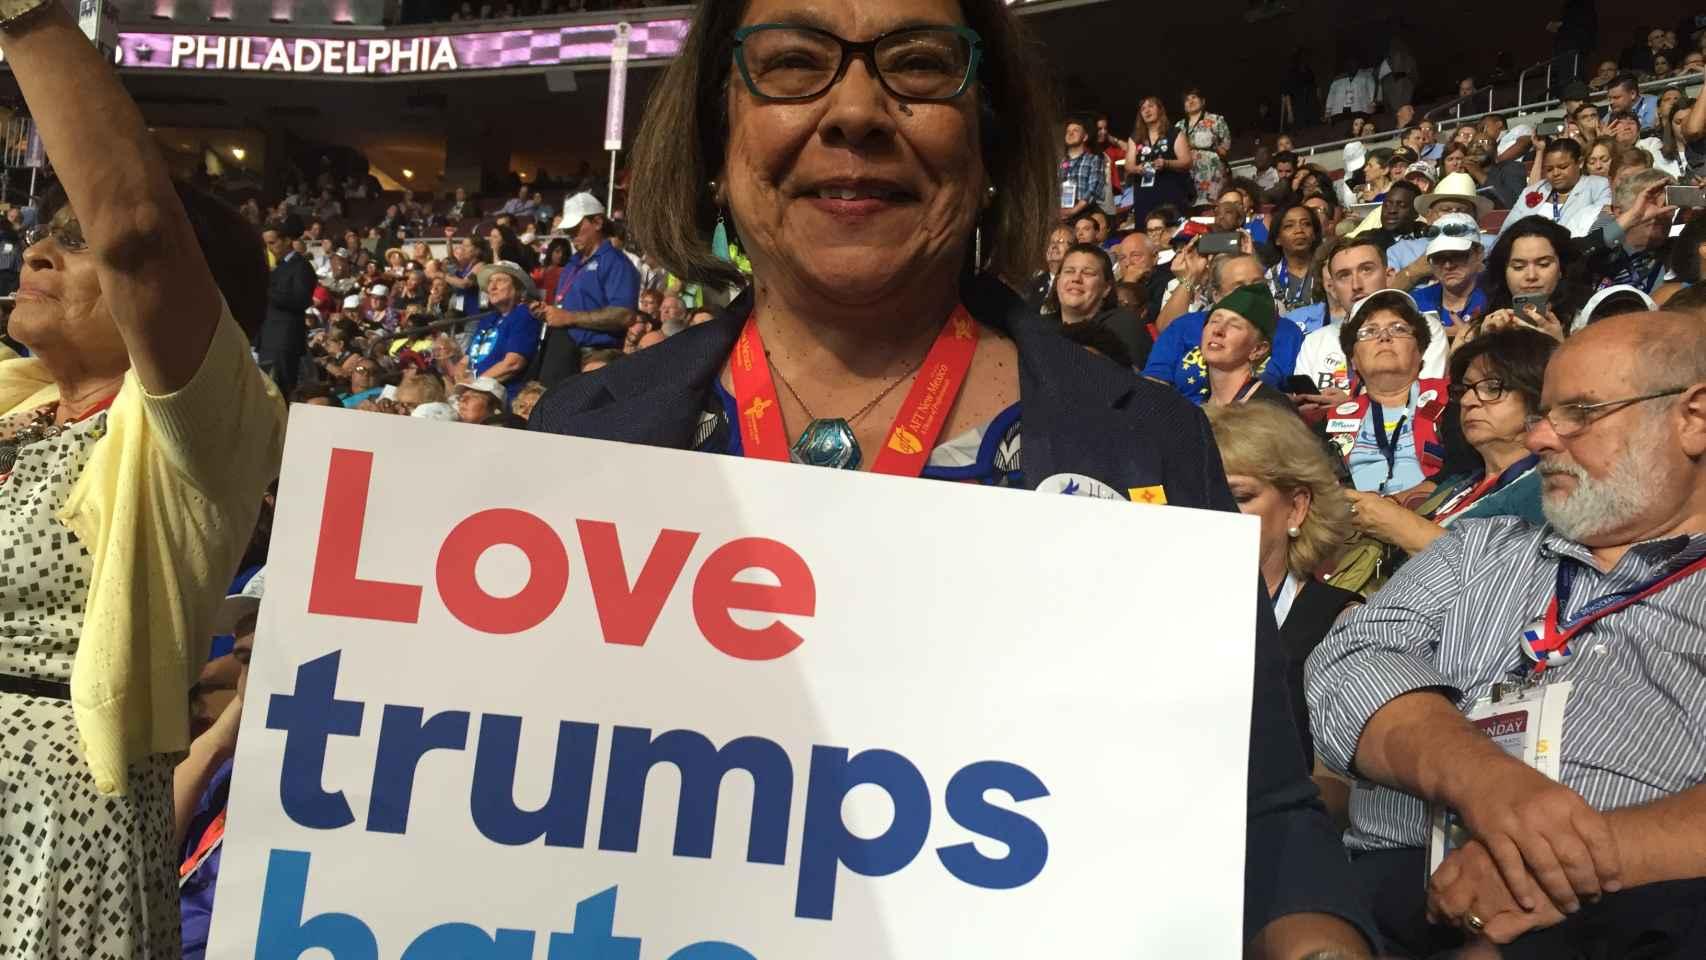 Patricia, es de madre mexicana y padre norteamericano